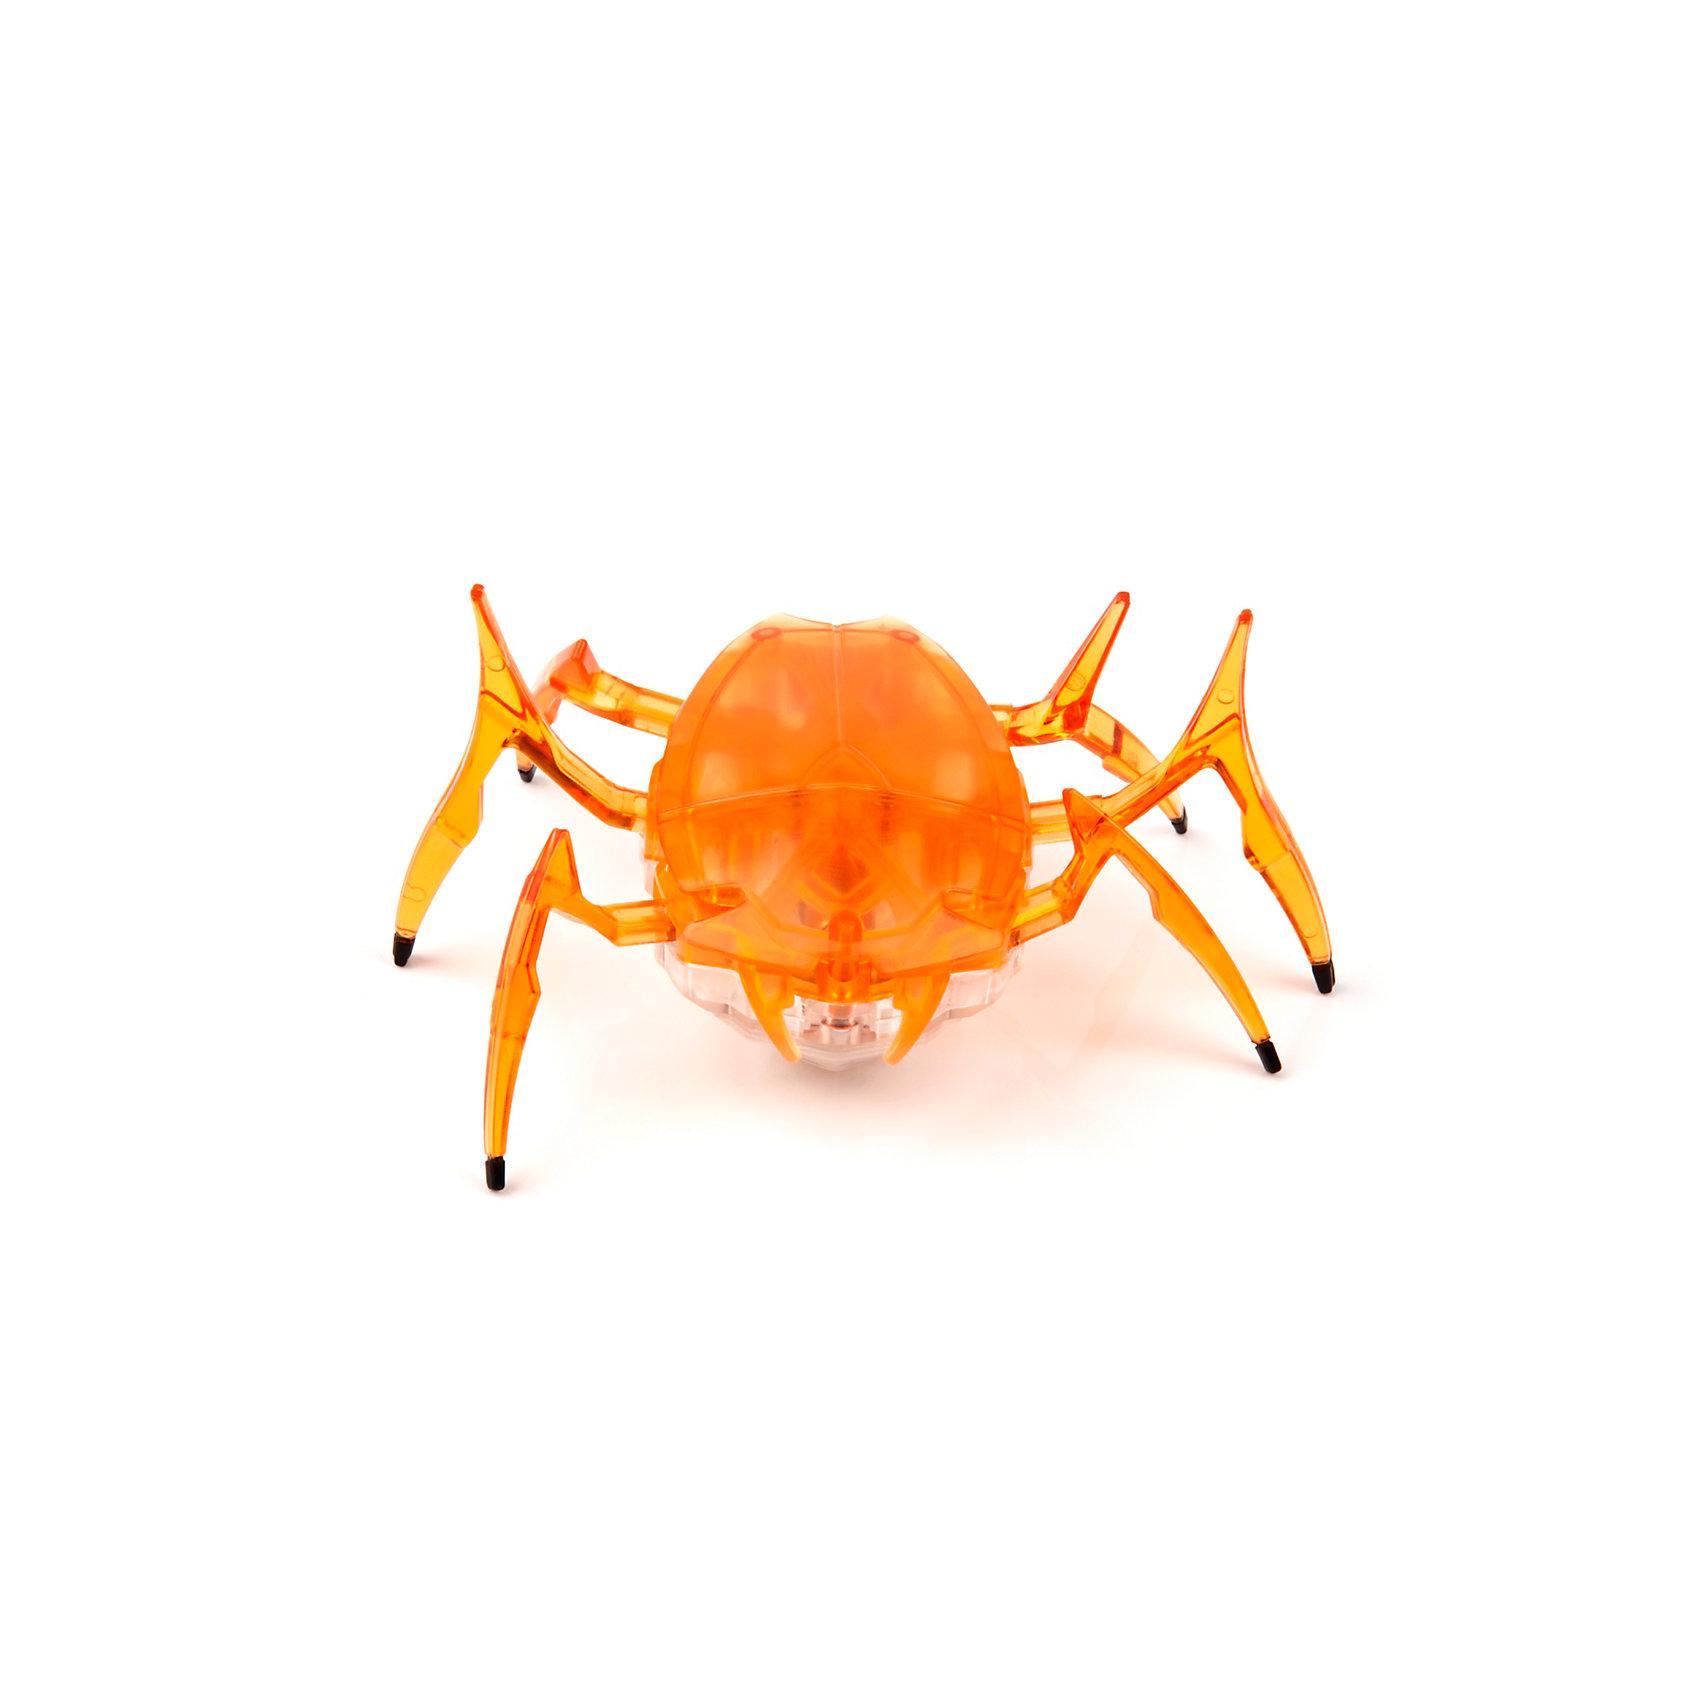 Микро-робот Жук Скарабей, оранжевый, HexbugИнтерактивные животные<br>Наноробот Hexbug Жук Скарабей.<br><br>Характеристики электронной игрушки Hexbug:<br><br>• строение тела: крупное овальное тело, выпуклое сверху и снизу;<br>• количество лап: 3 пары;<br>• специальная конструкция лапок для достижение максимальной скорости;<br>• передвигается только на своих лапках;<br>• супербыстрый наноробот, присутствует агрессивность;<br>• 12 передач и мощнейший моторчик – 1220 раз в минуту жук Скарабей передвигает лапками;<br>• специальный привод, случайность траектории движения;<br>• при встрече с препятствием: мелкий предмет отодвигает лапками, от большого предмета отпрыгивает в поисках новой траектории движения;<br>• при падении на спину жук Hexbug Nano переворачивается на лапки;<br>• размер скарабея: 8,2х4,1х5,7 см;<br>• вес наноробота: 28,5 г.<br><br>Современные и технологичные электронные игрушки Hexbug Nano – это скоростные жуки Скарабеи, быстрые, шустрые, умные. Бегают по случайно выбранной траектории, отталкиваются и переворачиваются после падения. Настоящий прорыв в области подвижных микро-роботов!<br><br>Микро-робот Жук Скарабей, оранжевый, Hexbug можно купить в нашем интернет-магазине.<br><br>Ширина мм: 6<br>Глубина мм: 13<br>Высота мм: 11<br>Вес г: 47<br>Возраст от месяцев: 36<br>Возраст до месяцев: 2147483647<br>Пол: Унисекс<br>Возраст: Детский<br>SKU: 5007082